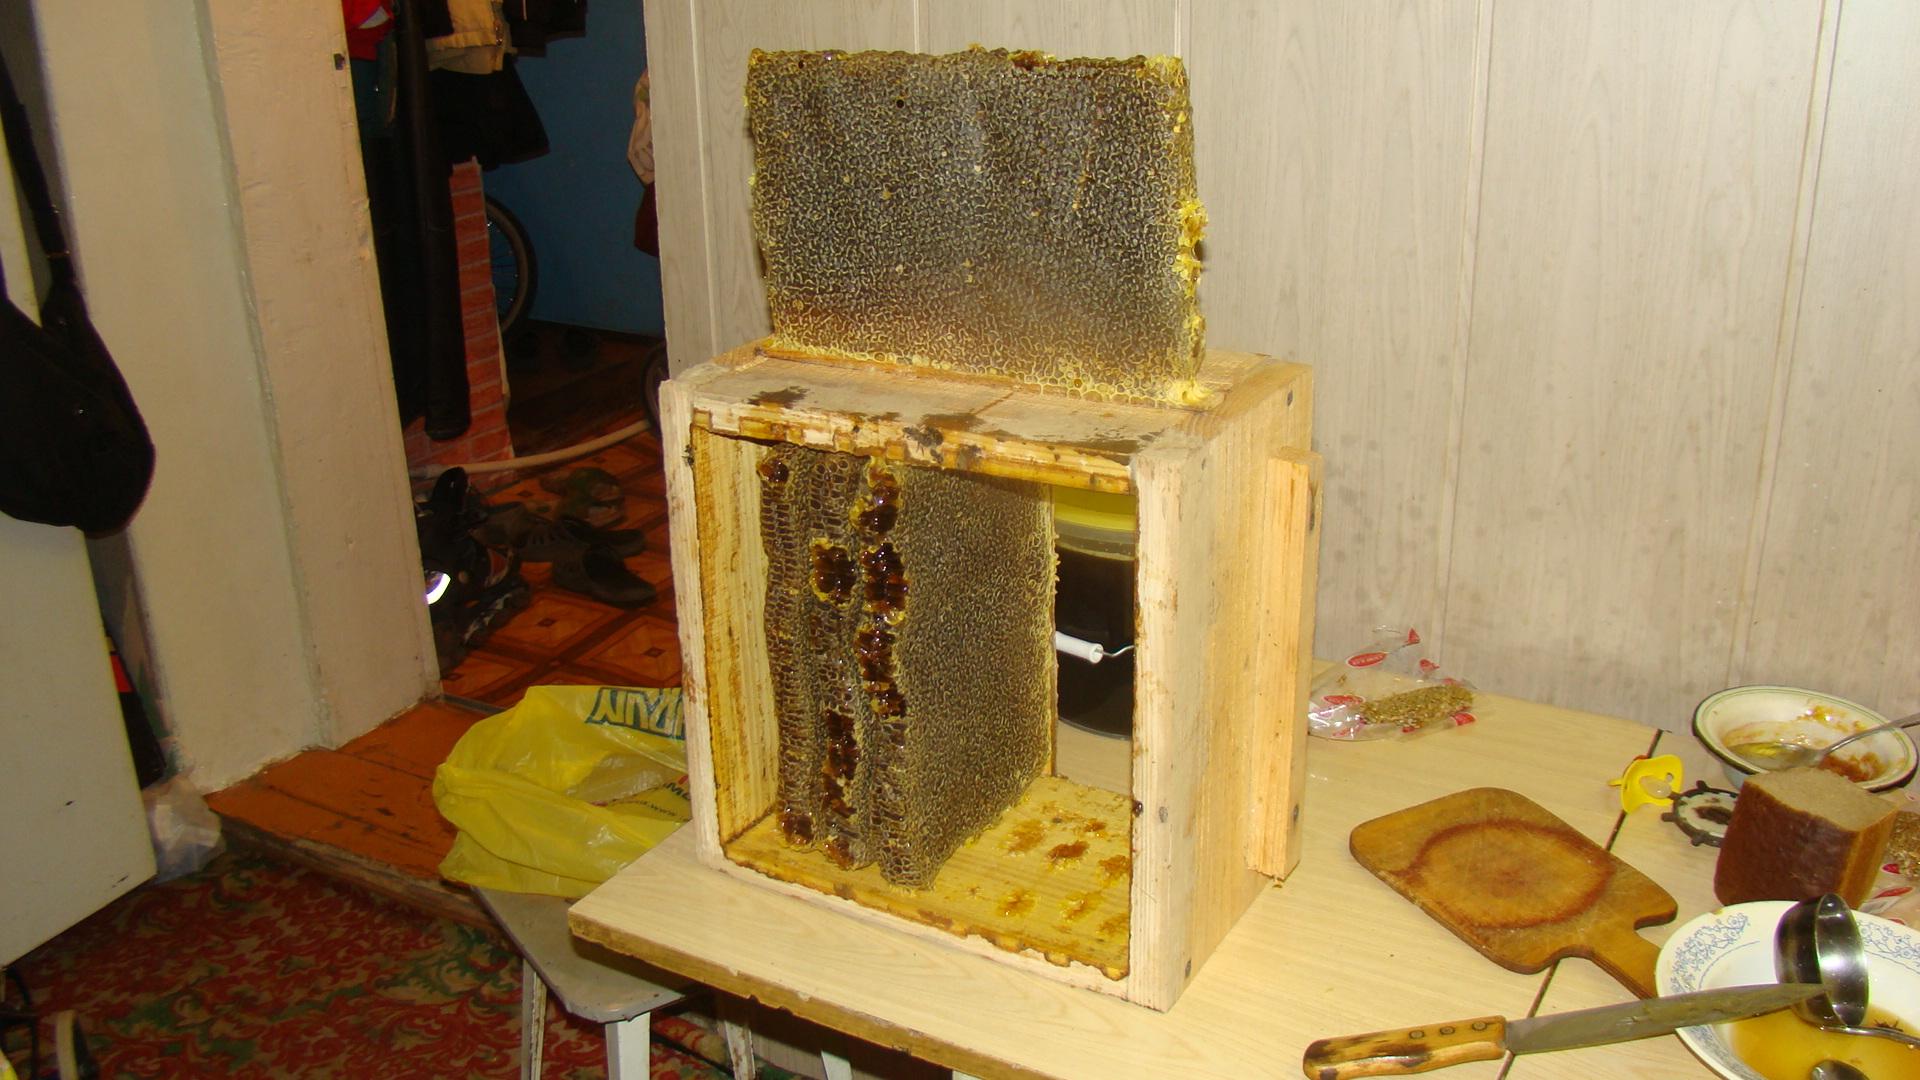 Пчеловоды есть? Всё о пчеловодстве - Страница 3 0157690001377359392